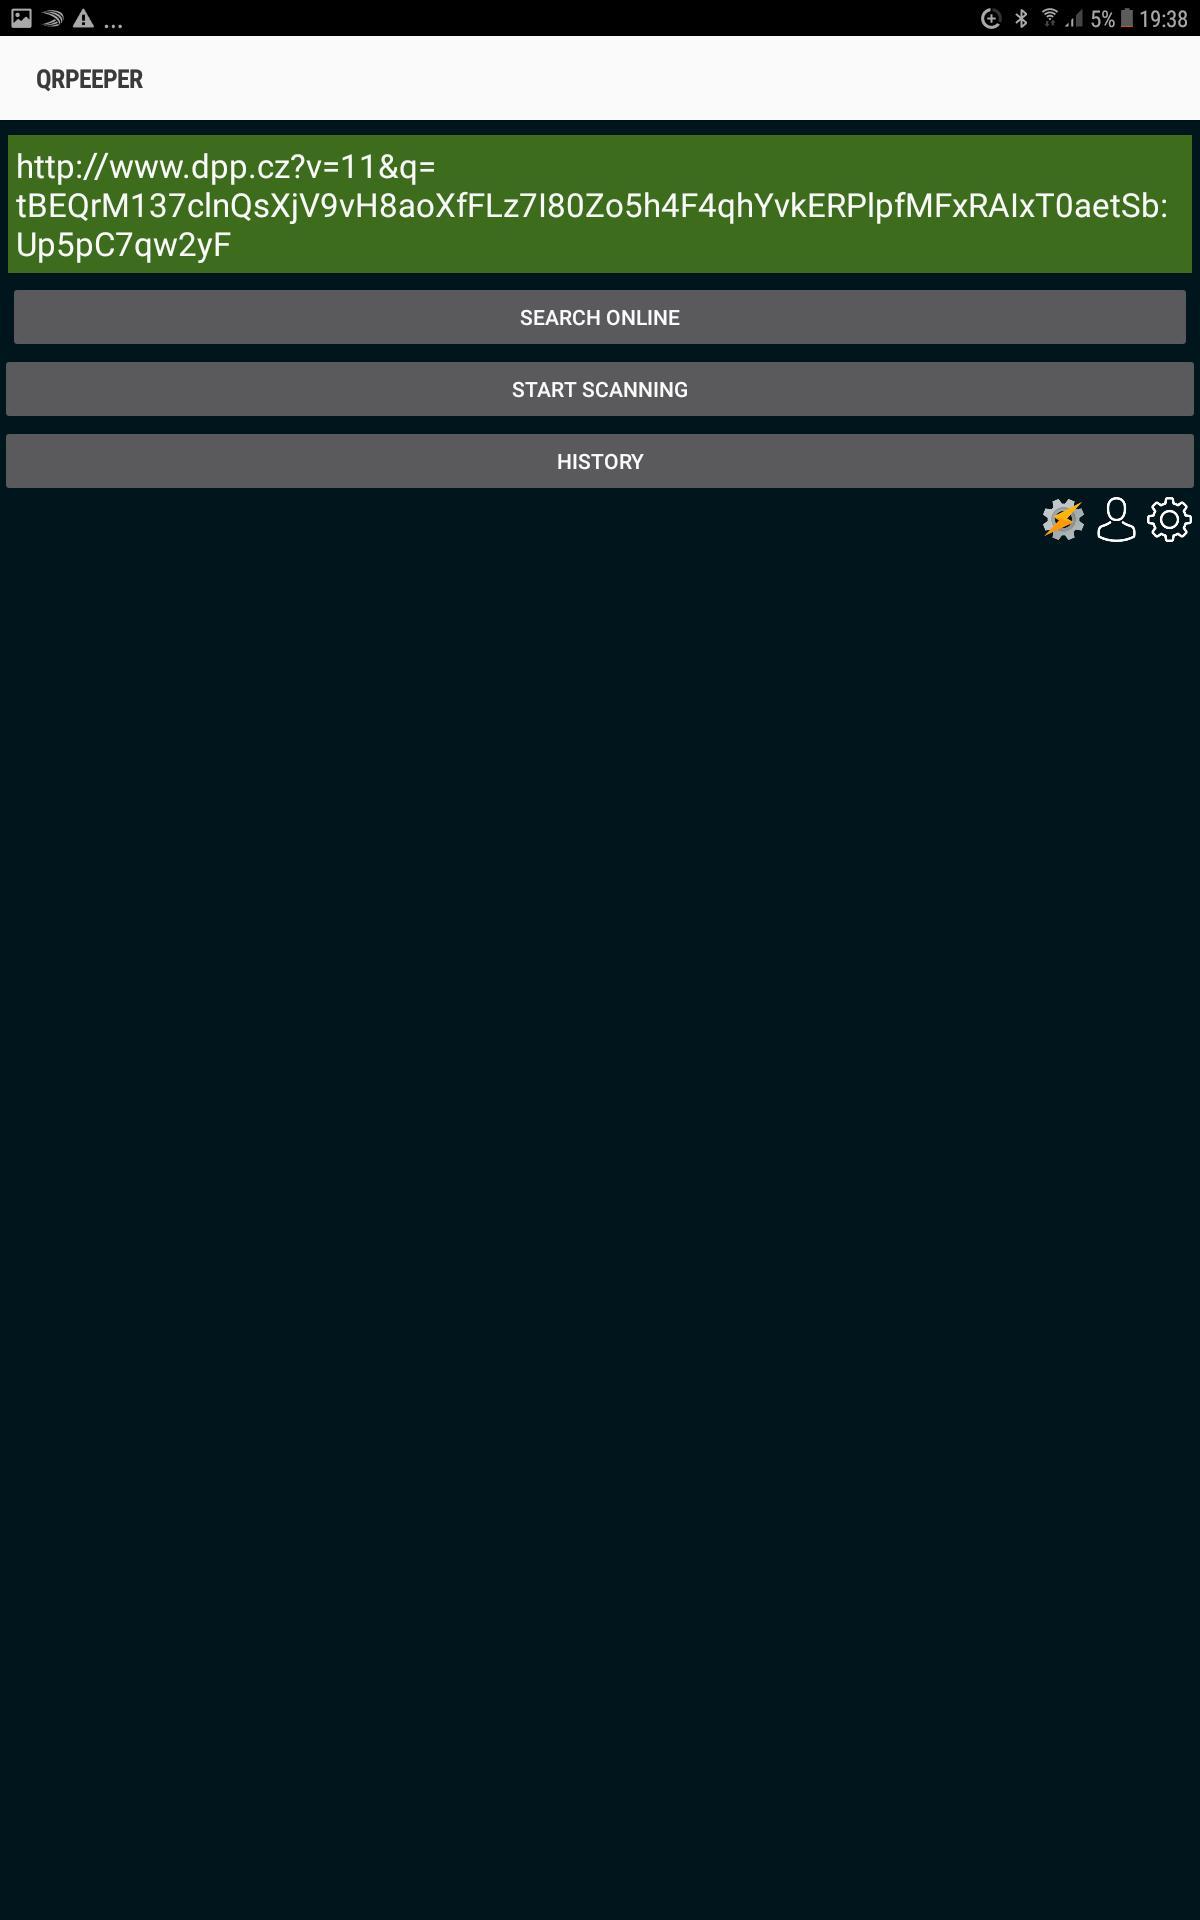 QR scanner [free][no ads][tasker] for Android - APK Download